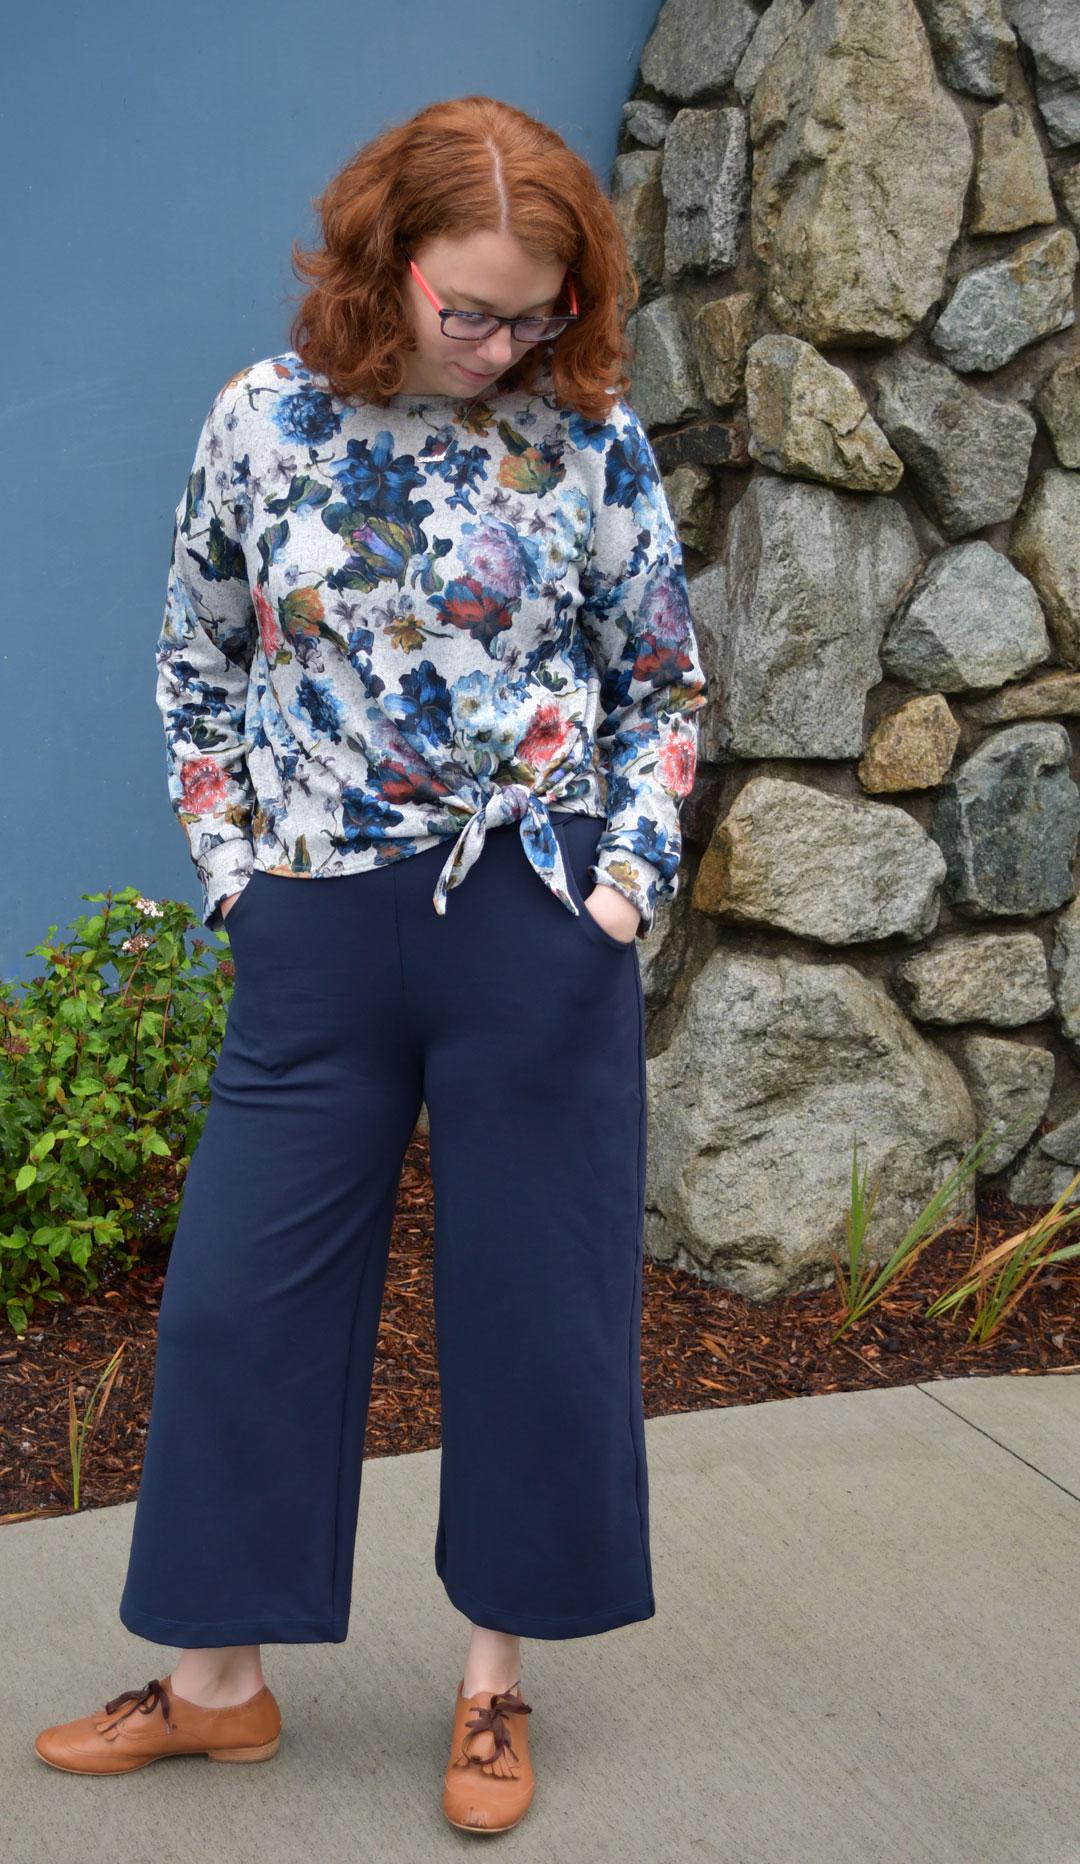 Jarrah + Joan Full Outfit | Style Maker Fabrics